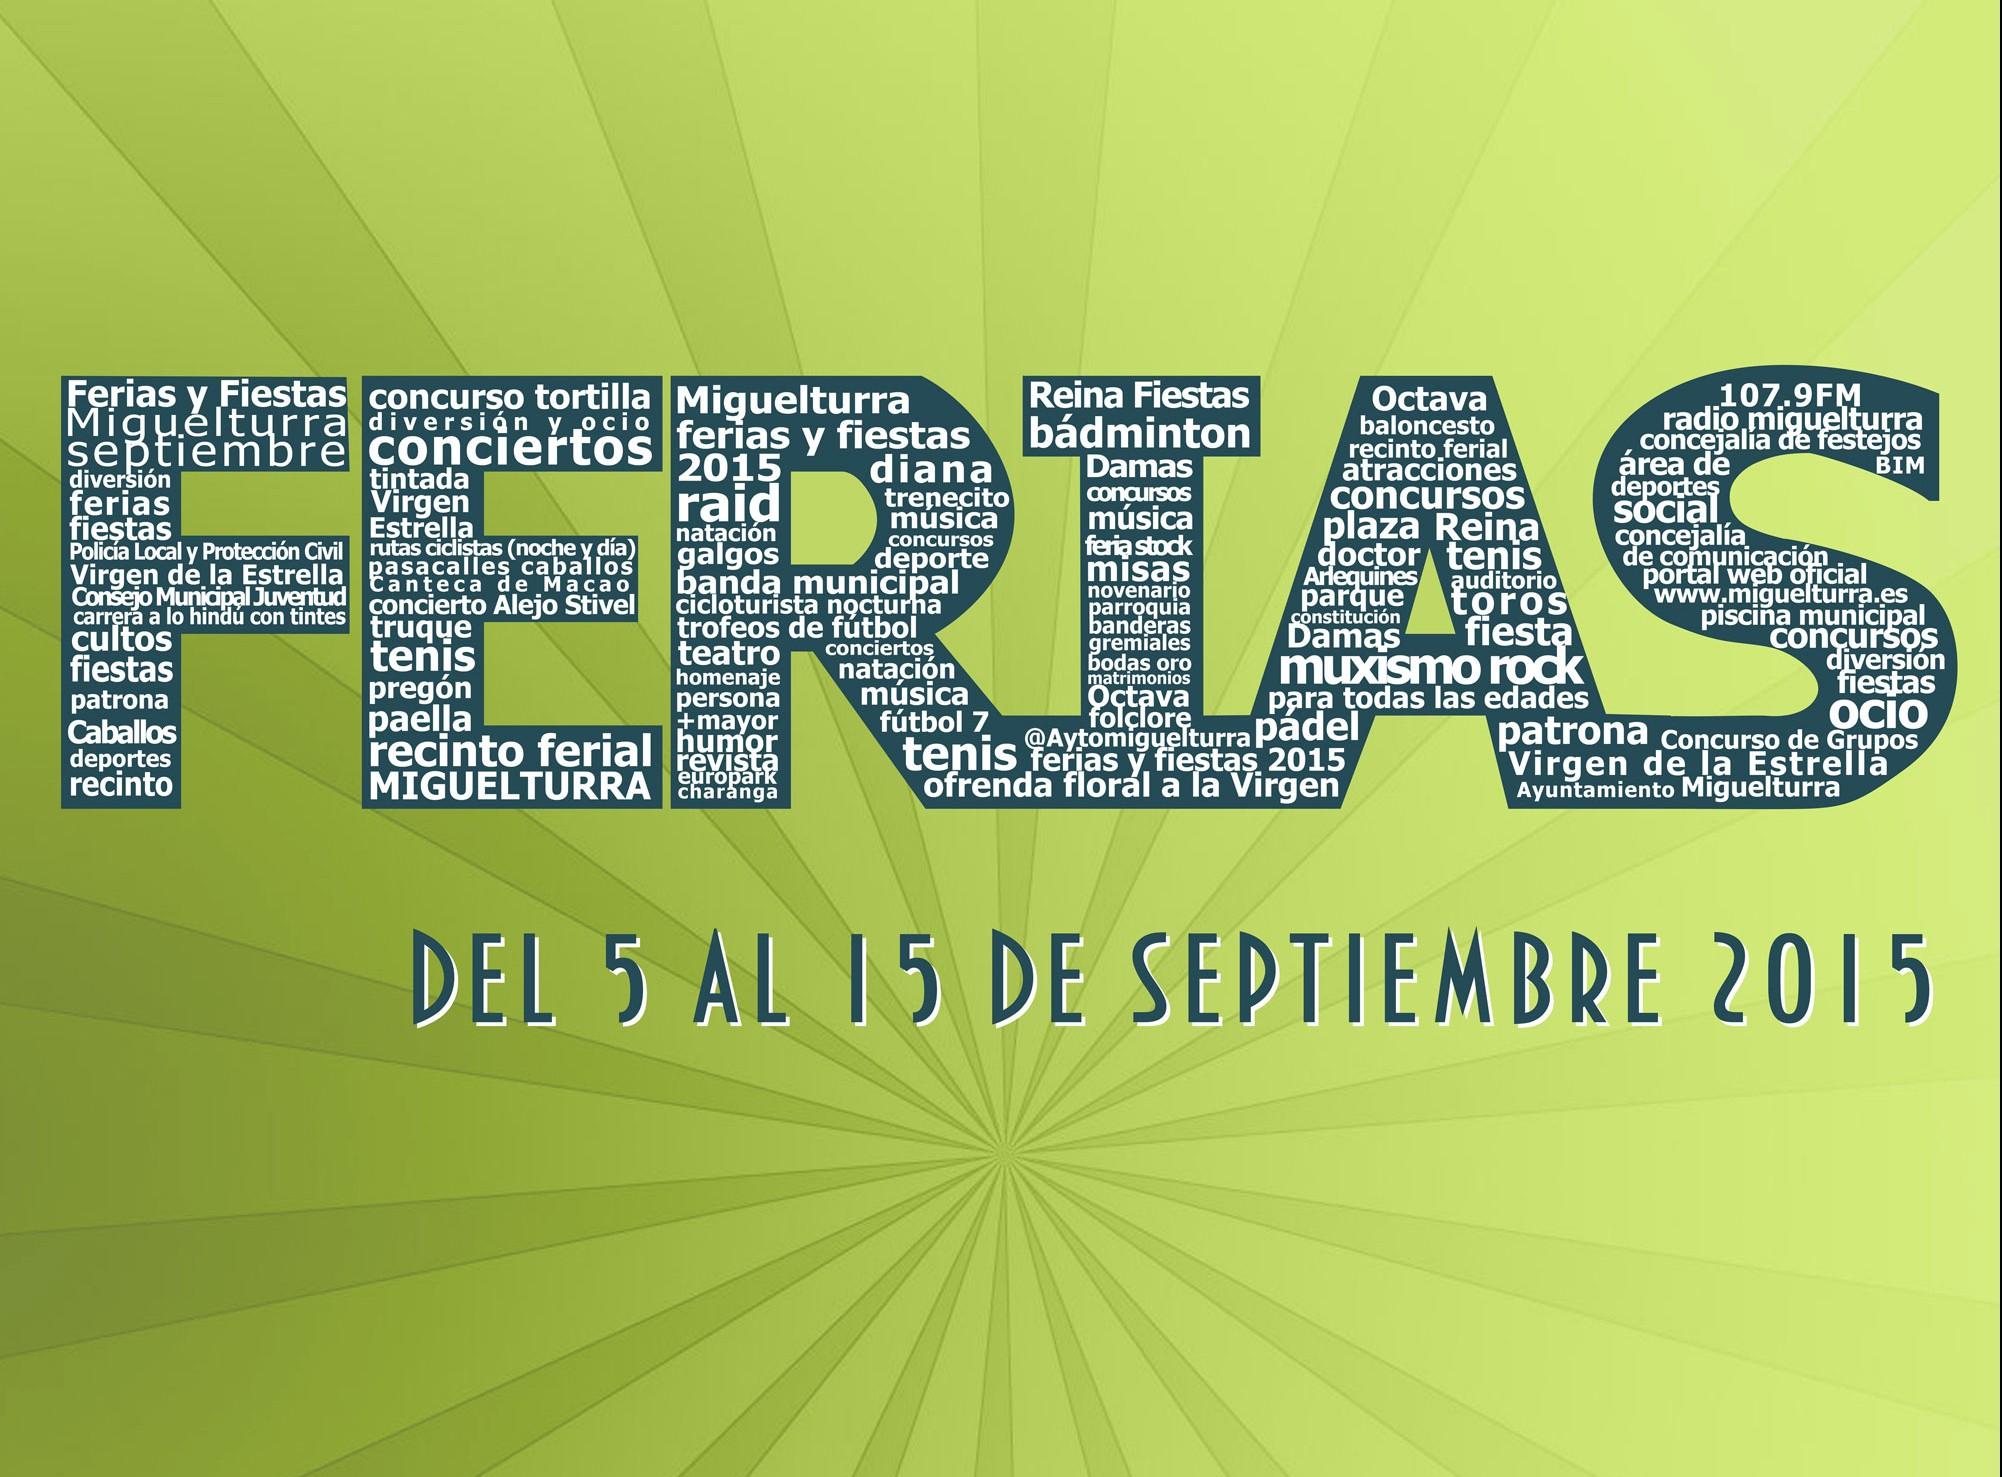 Las Fiestas de Miguelturra se celebrarán del 5 al 15 de septiembre y se ha pensado en una «feria de día» y una «feria de noche»